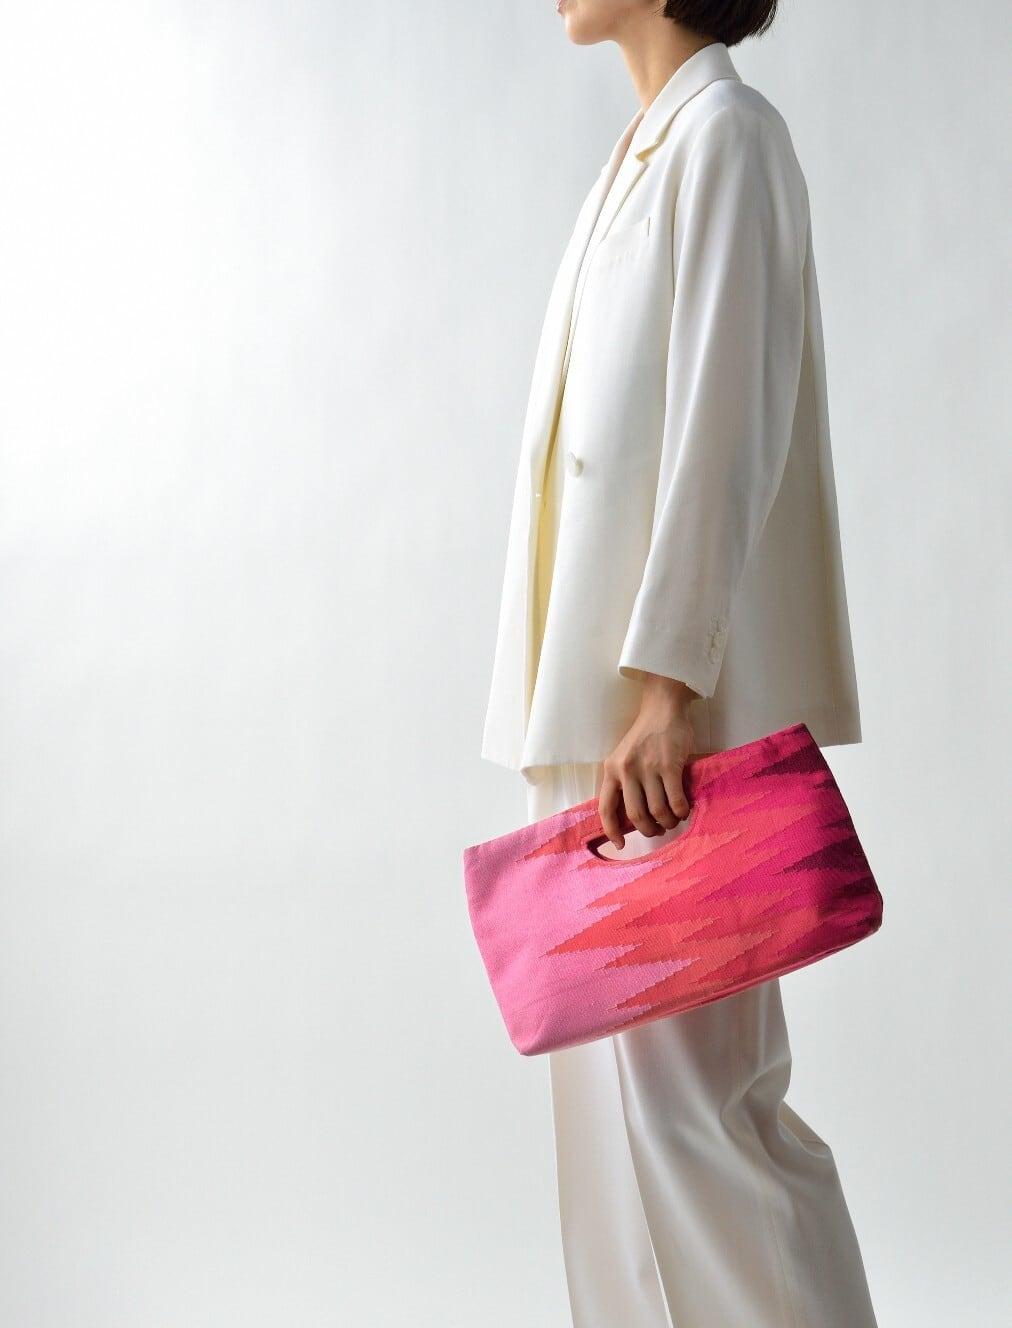 手織りペンシルバッグ ピンク(新入荷)